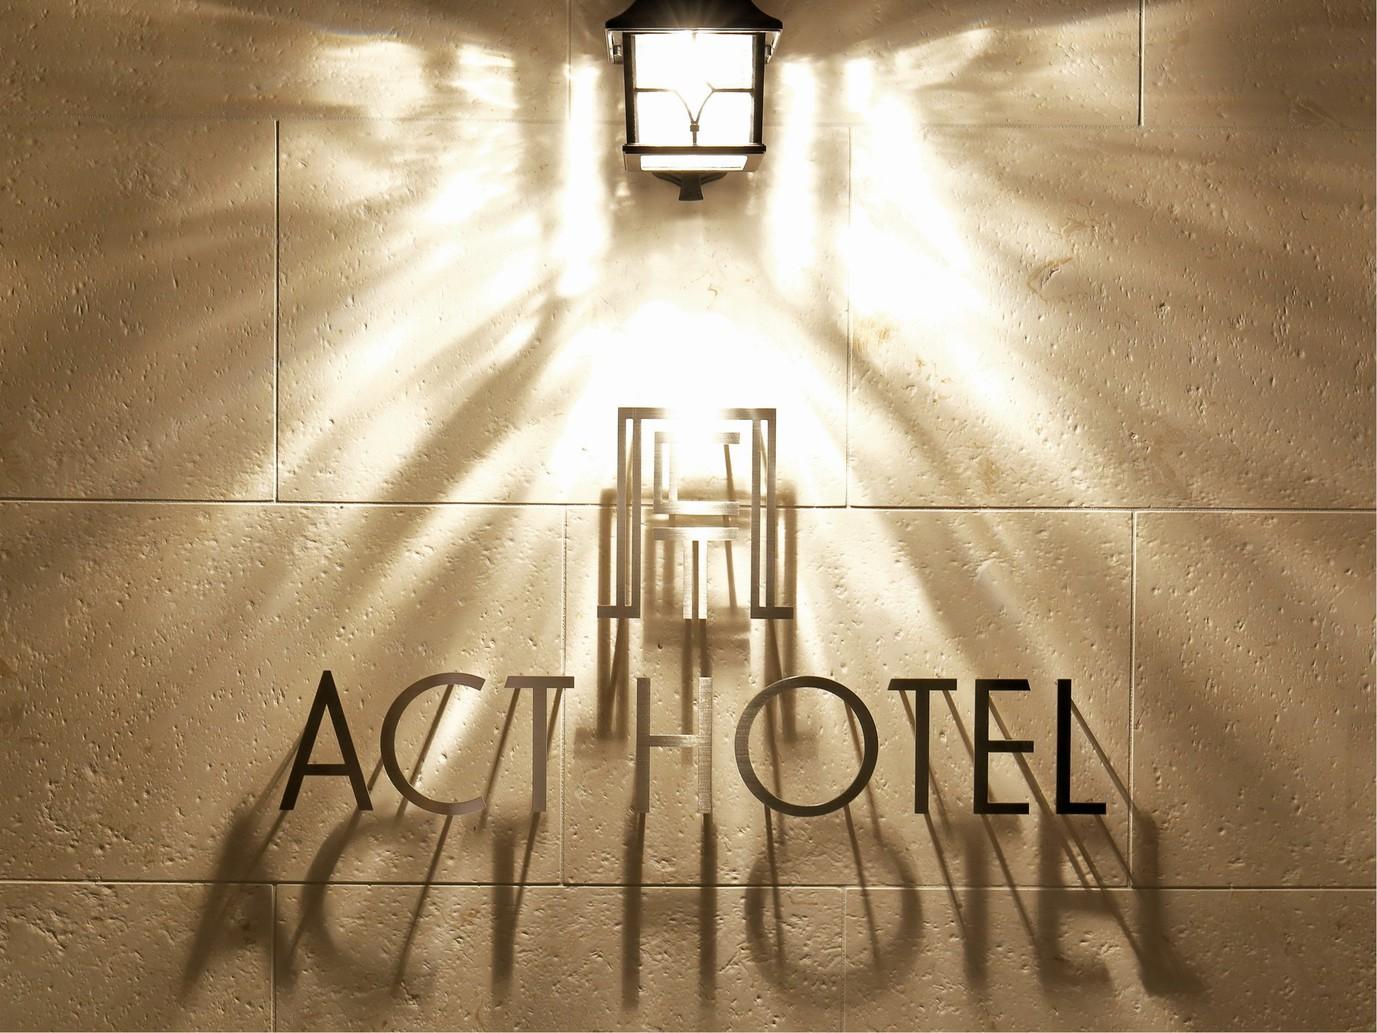 ■アクトホテル サイン